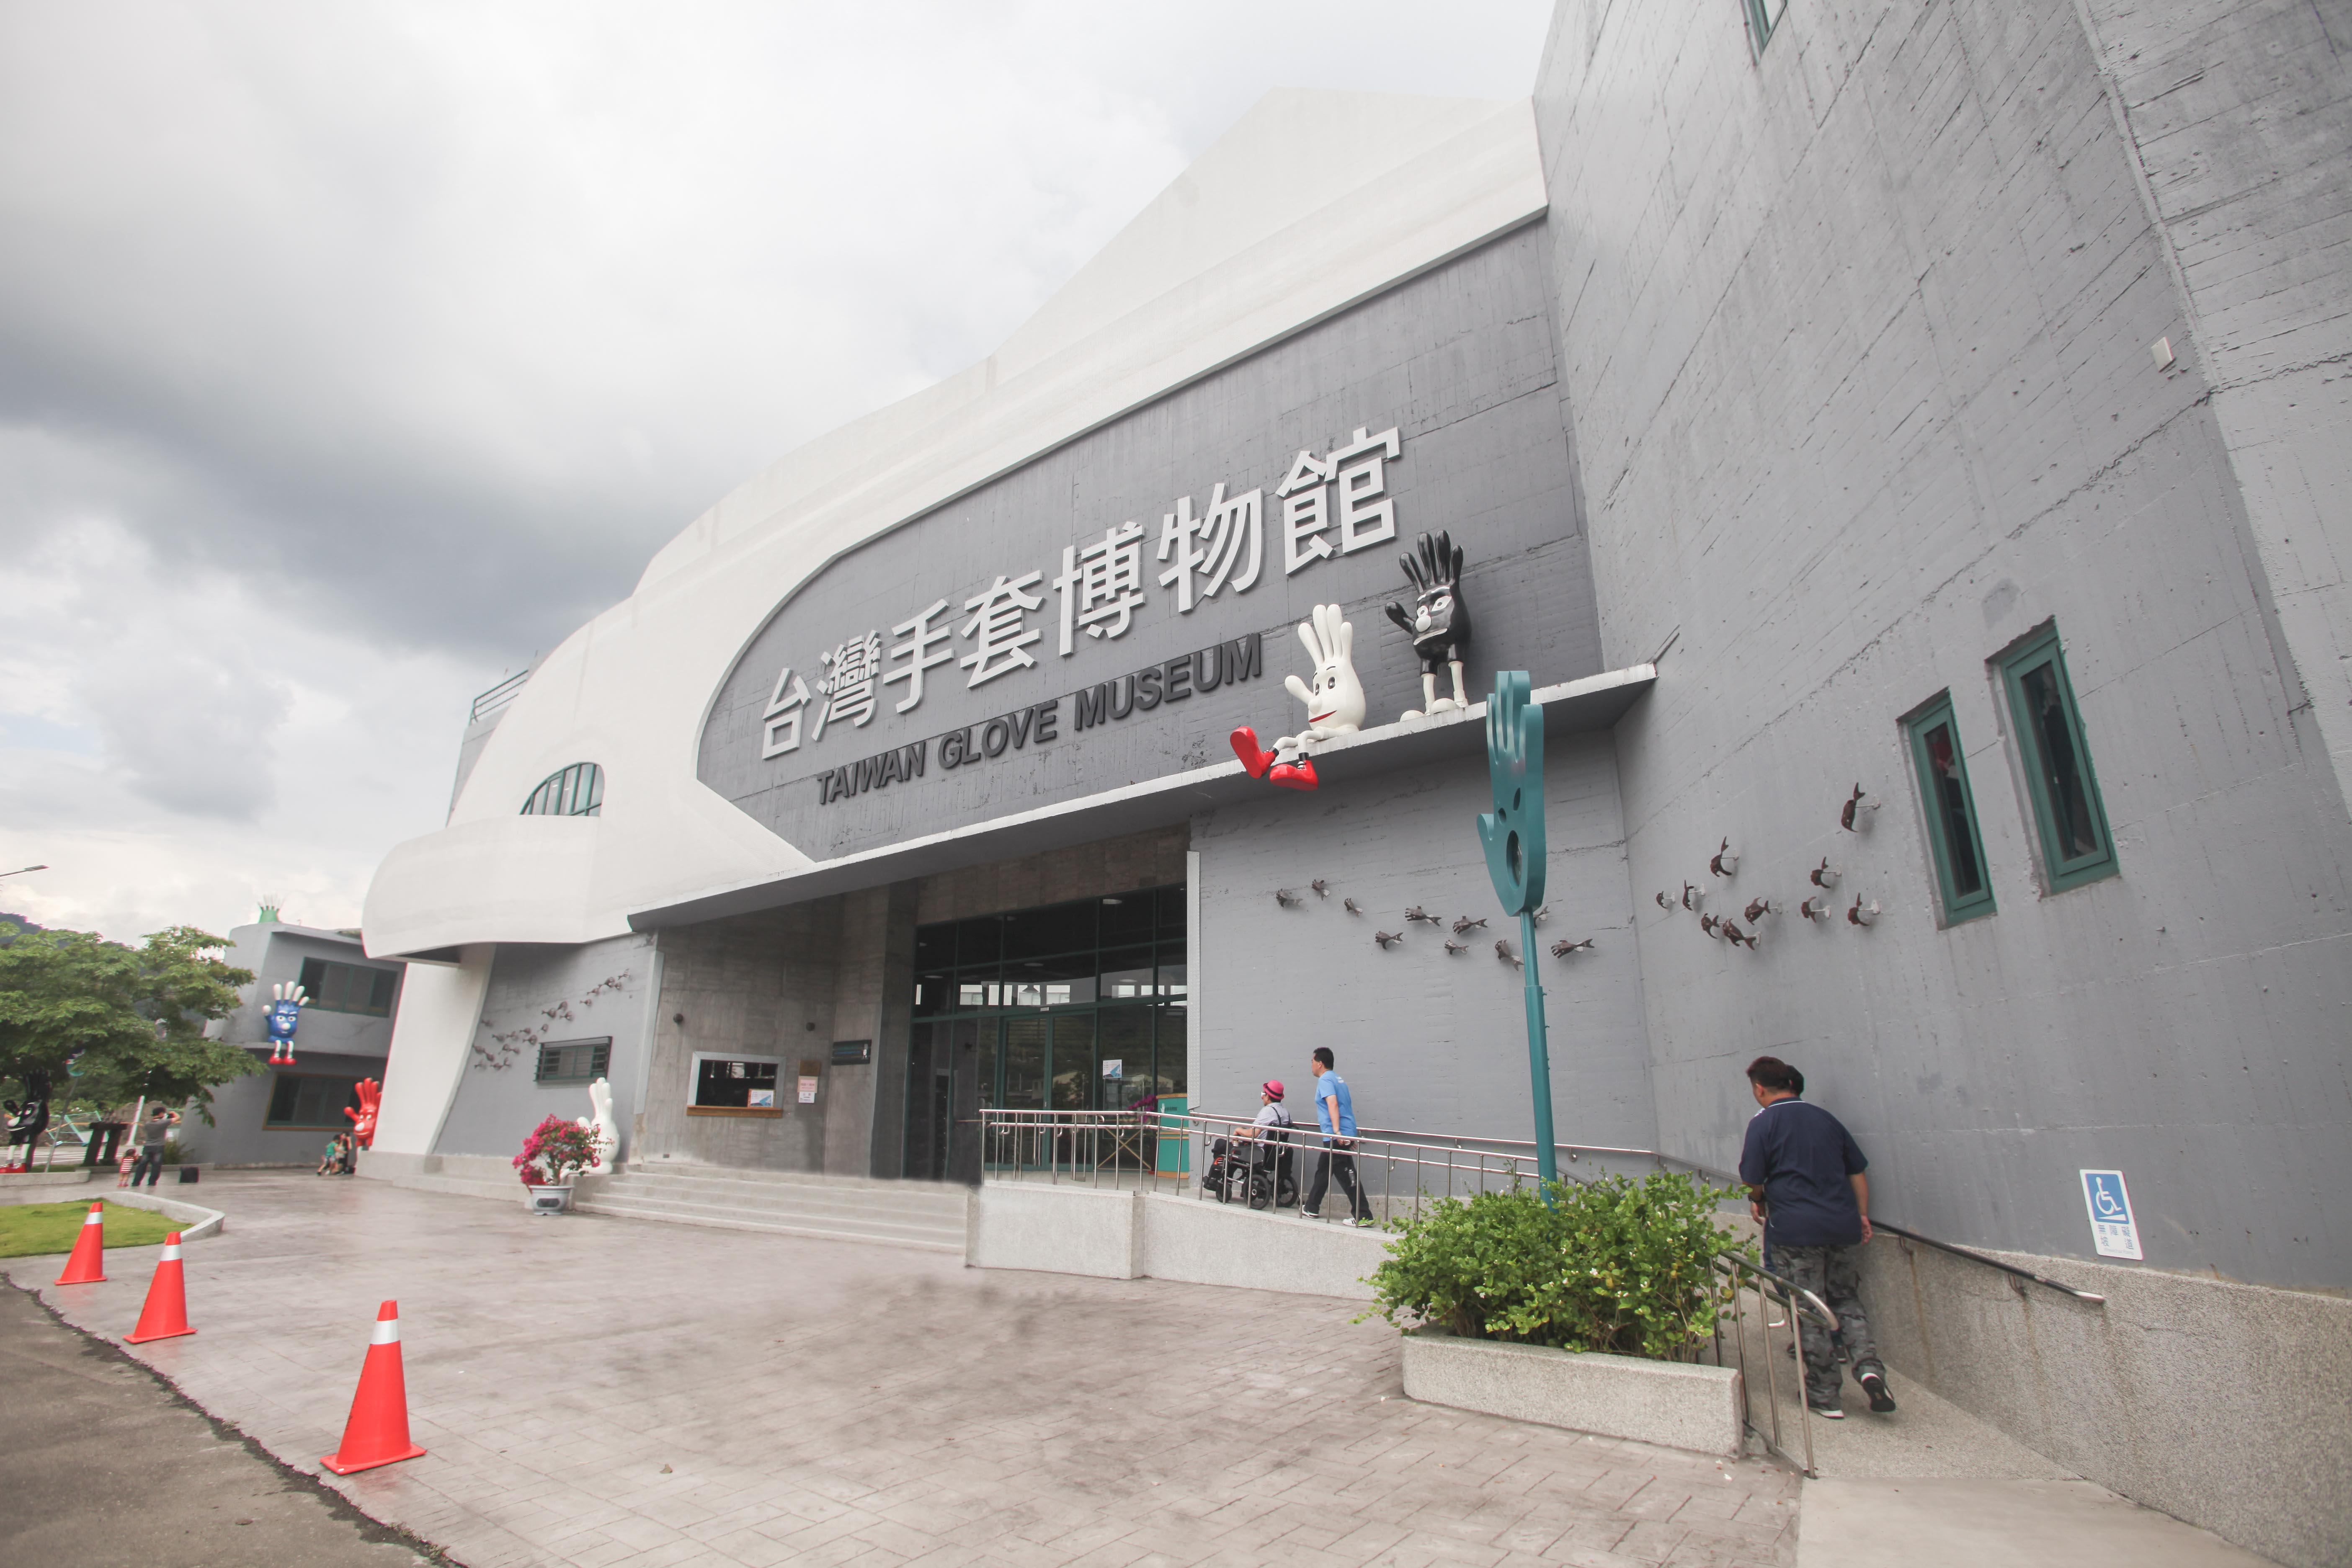 台灣手套博物館入口